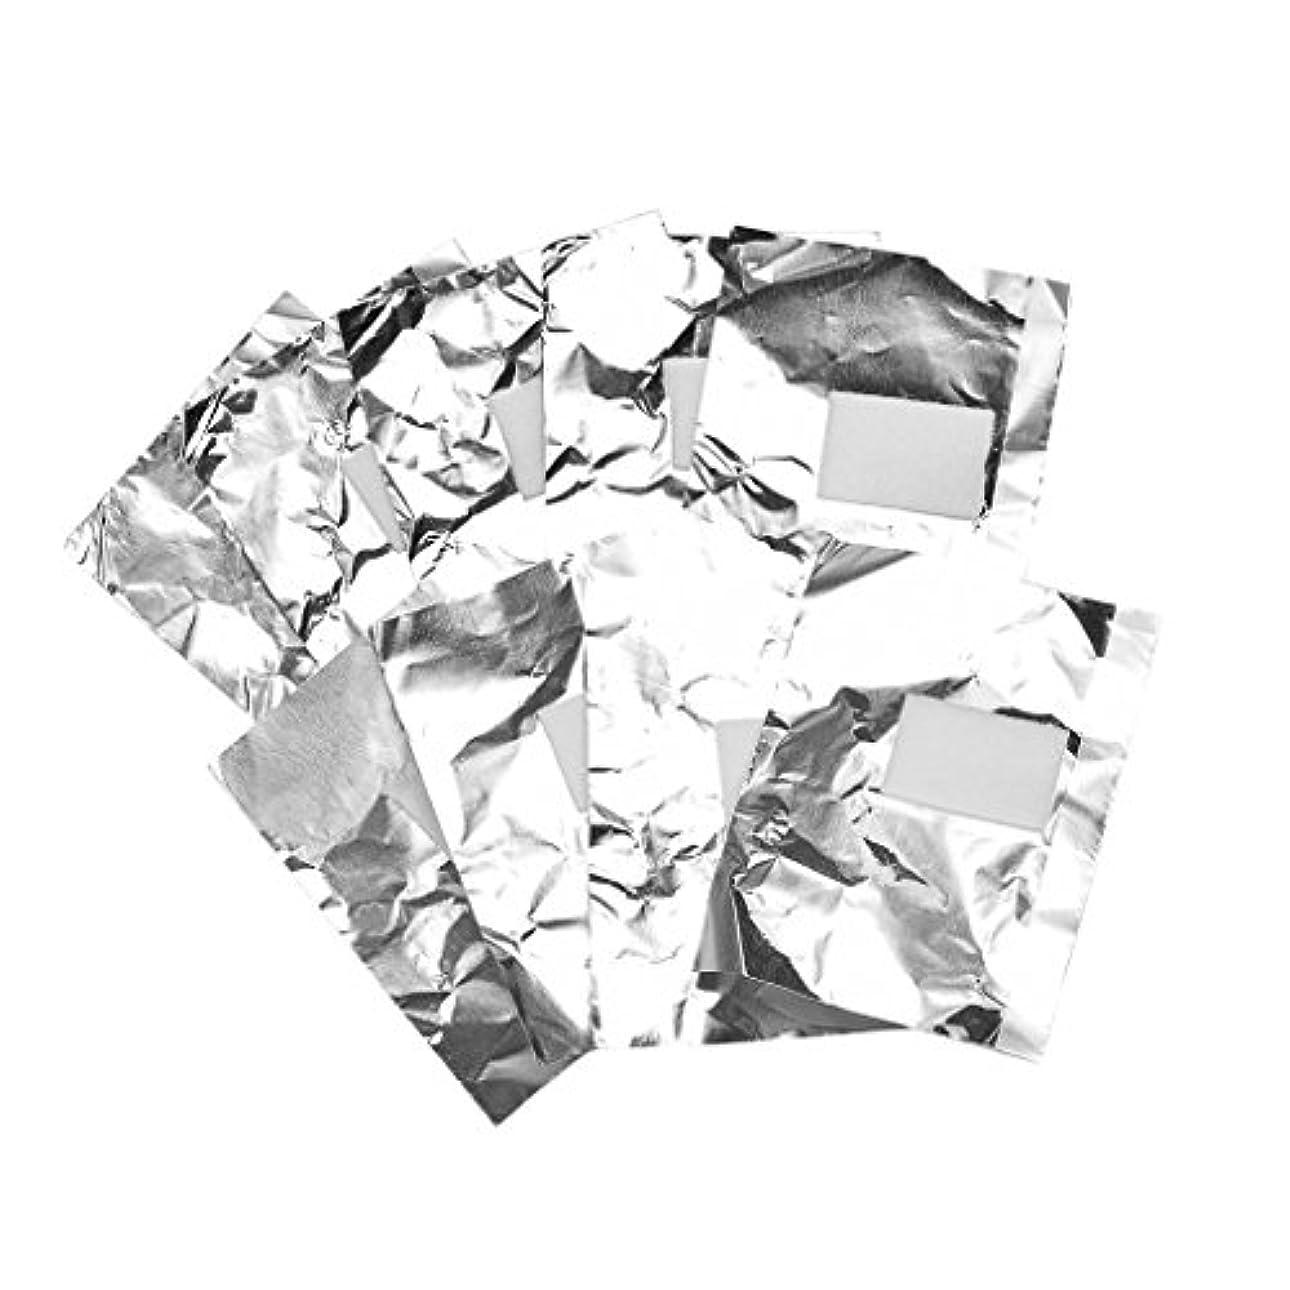 言語学ビスケット太平洋諸島約100枚 ジェル除却 ネイルアート 錫箔紙 クリーナーツール パッド 爪装飾除き 包み紙